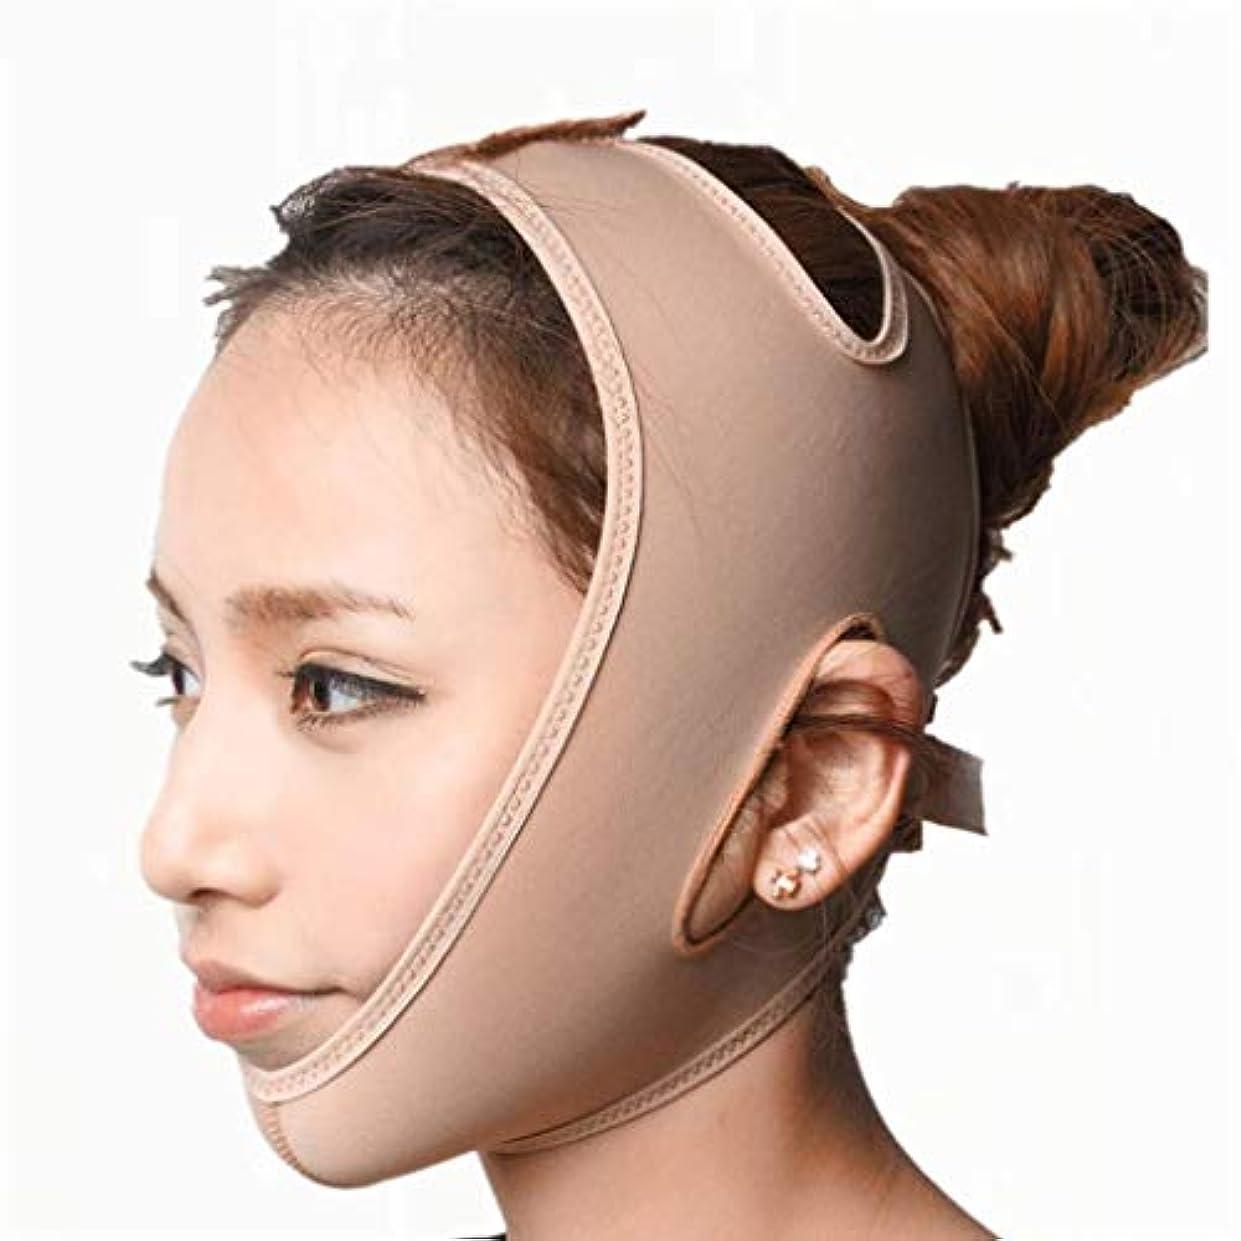 静かに再現する才能のあるフェイスリフティング痩身Vフェイスマスクフルカバレッジ包帯減らす顔の二重あごケア減量美容ベルト通気性